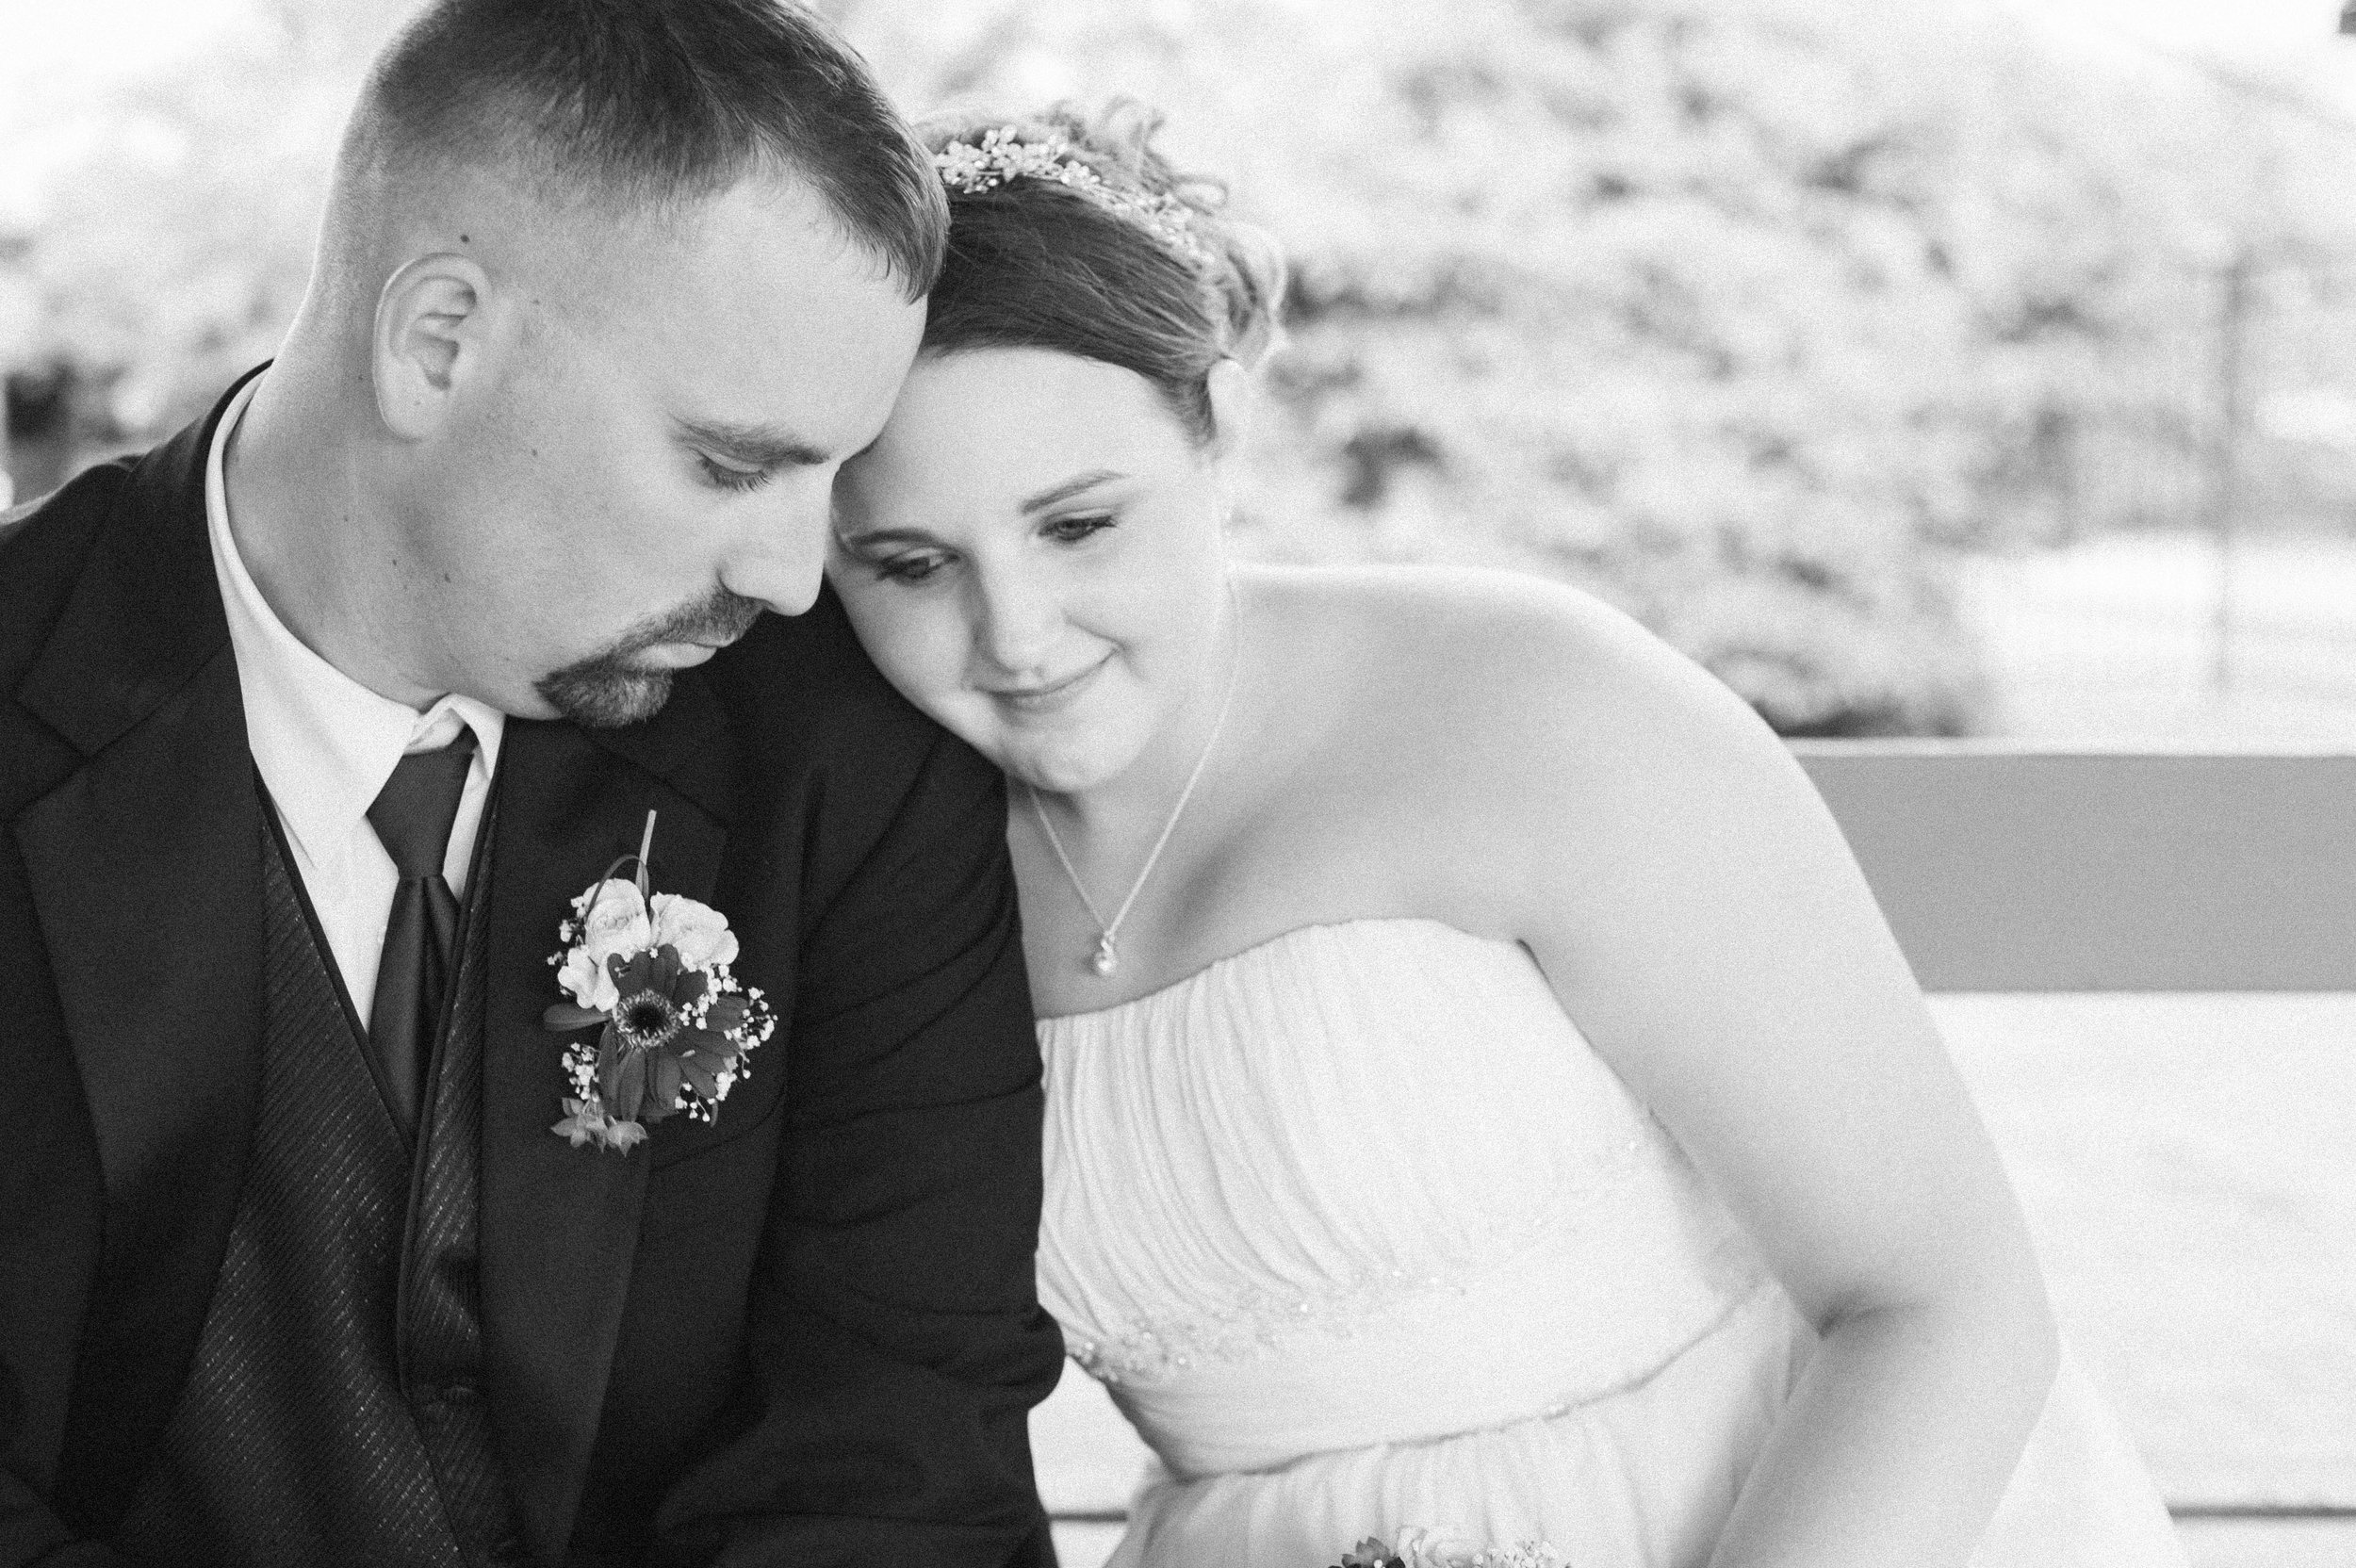 nebraska-wedding-photographer-29.jpg